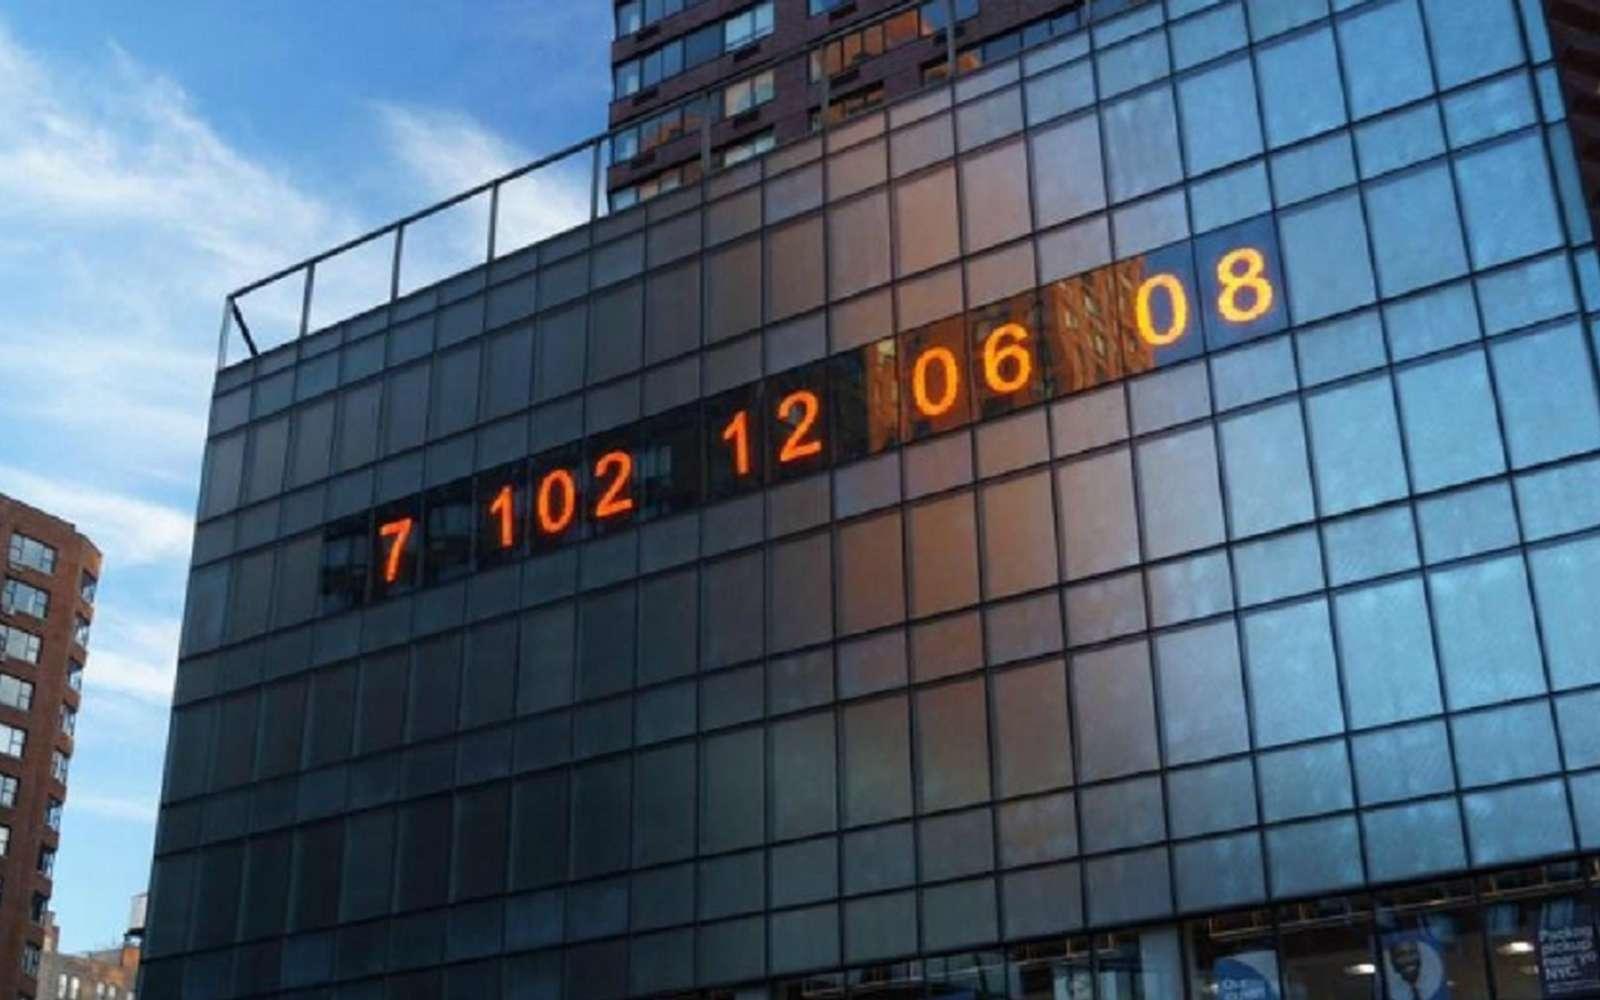 Le Metronome de New York, transformé en horloge climatique. © Zack Winestine, The Climate Clock